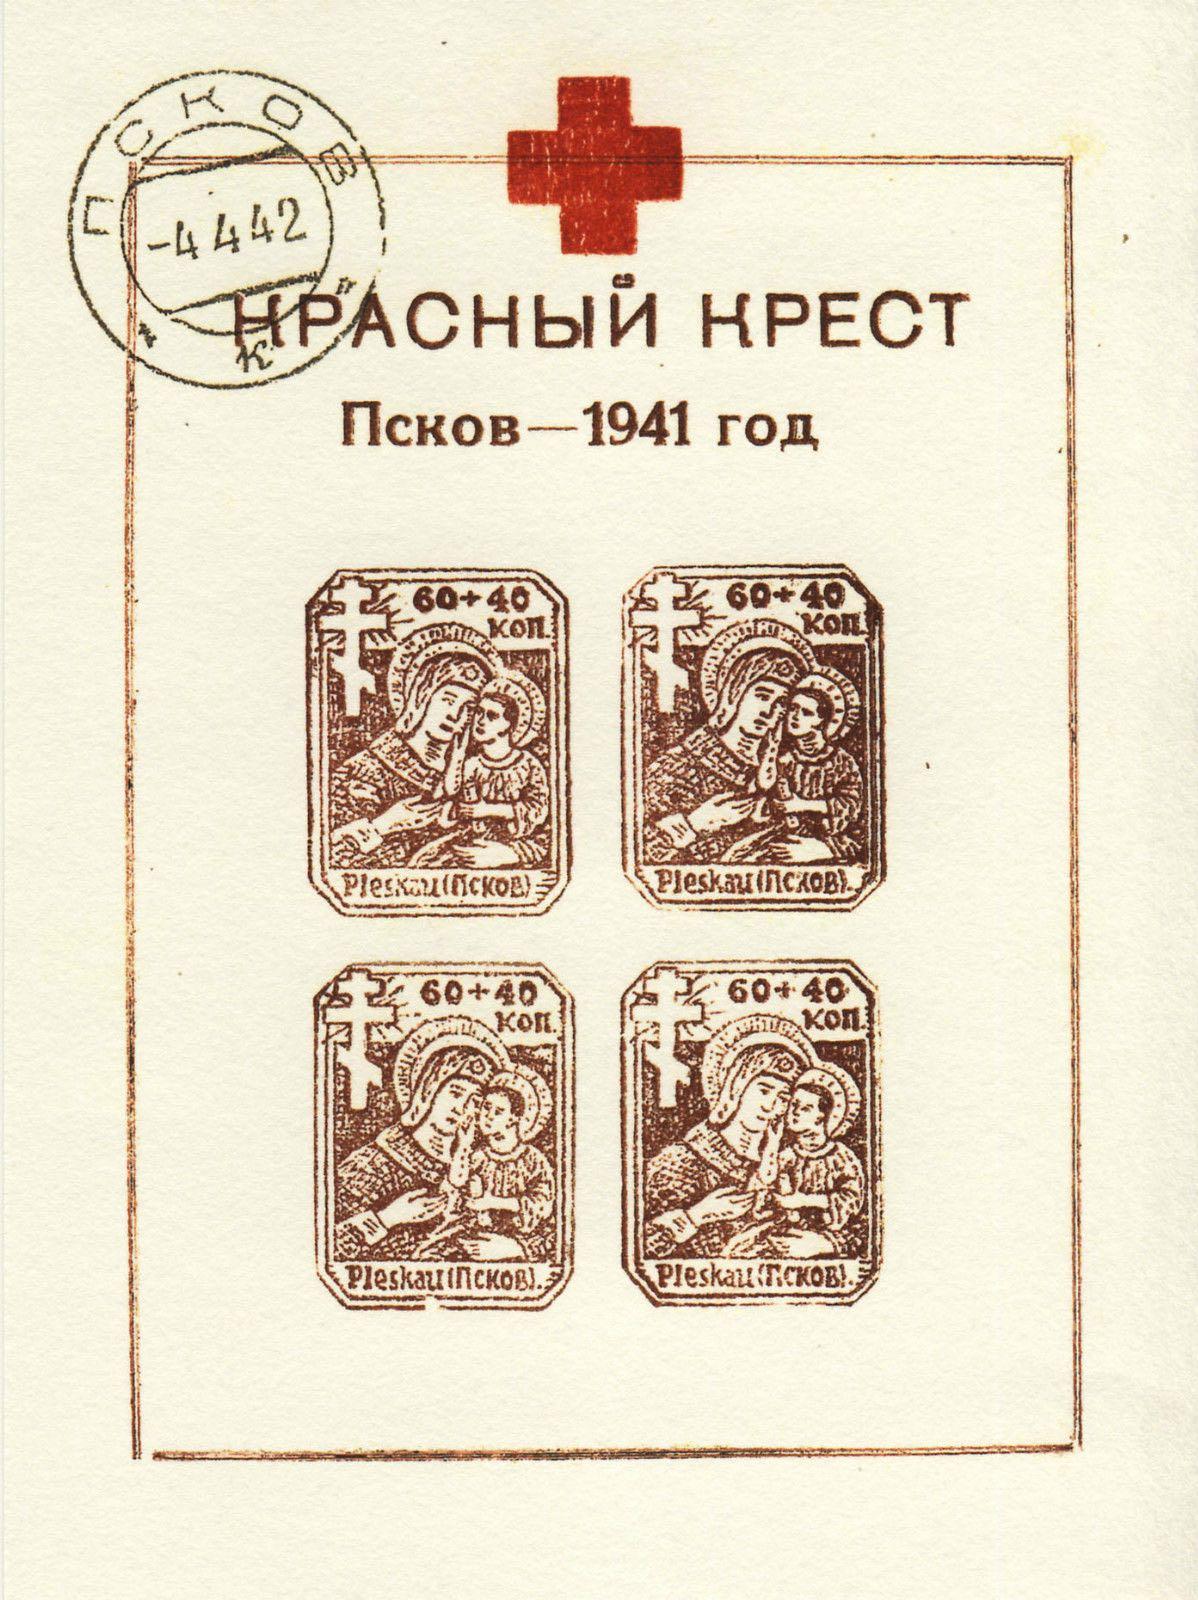 Pleskau_1941_Block2_Forgery